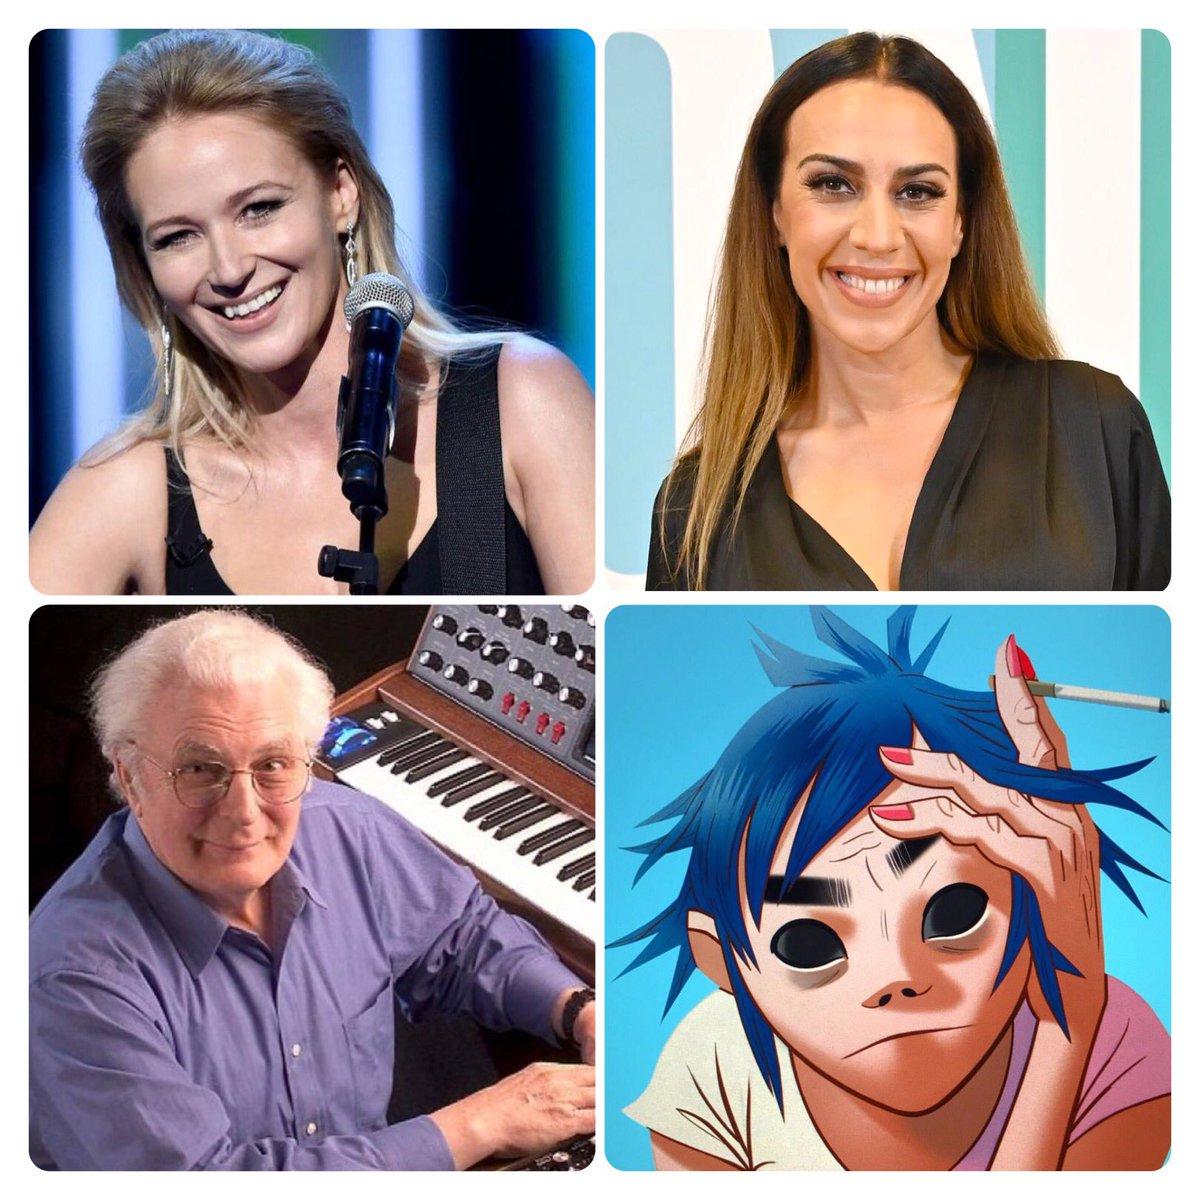 También nacieron #UnDiaComoHoy las cantantes Jewel y Mónica Naranjo, así como Robert Moog (inventor del sintetizador de sonido) y el personaje 2-D de la banda virtual #Gorillaz. . #pop #rock #cine #movies #FelizSábado #23M #23May #Maracaibo #Vzla #Venezuelapic.twitter.com/NlUeYeJOWZ